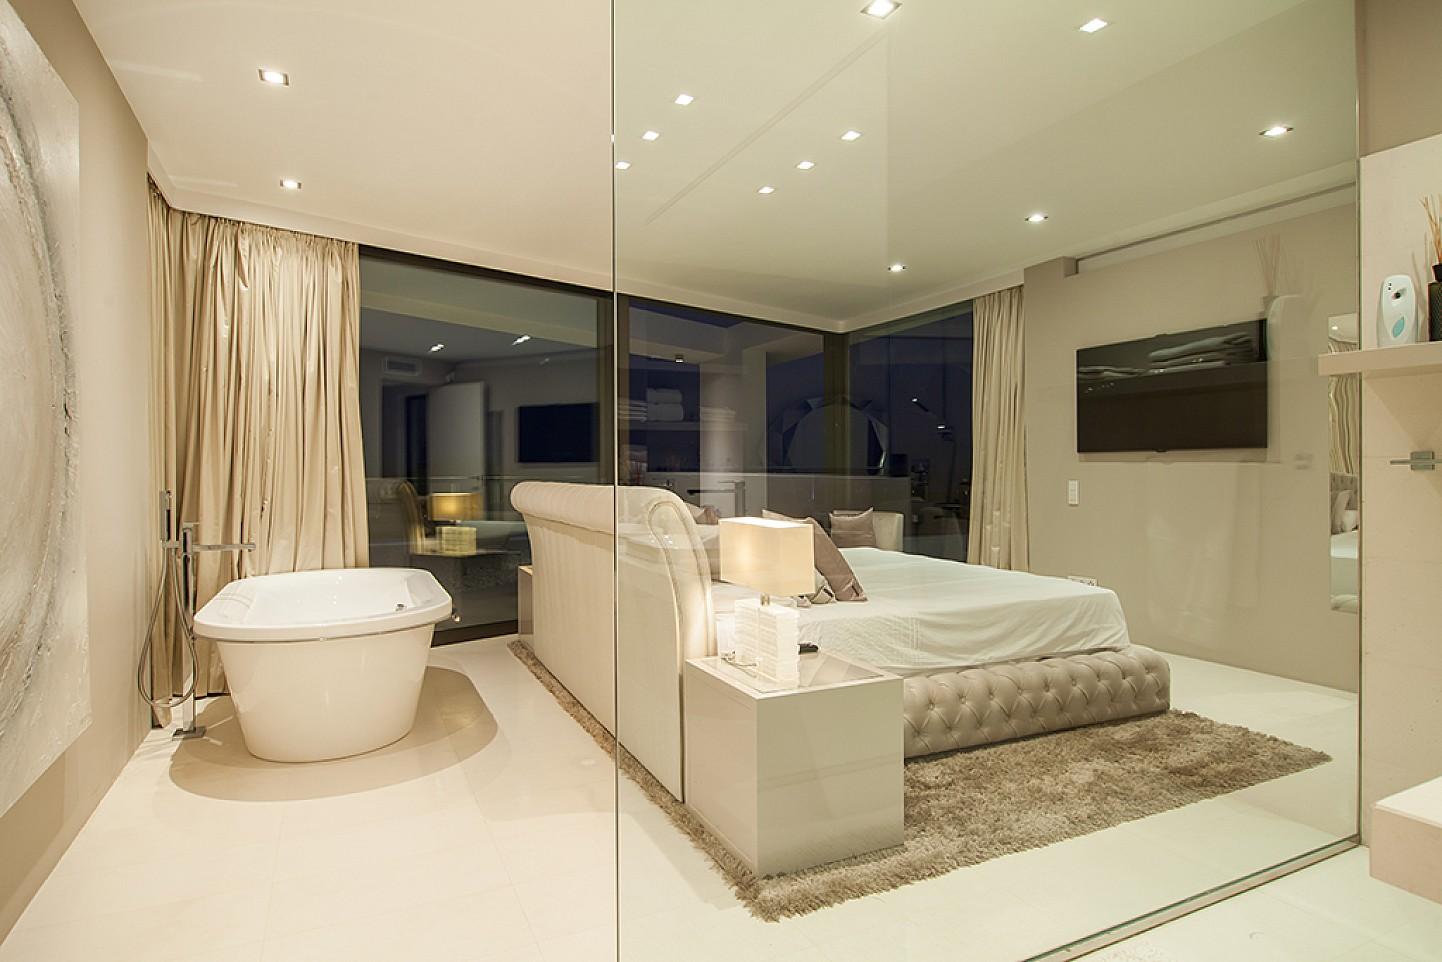 Schlafzimmer mit jacuzzi